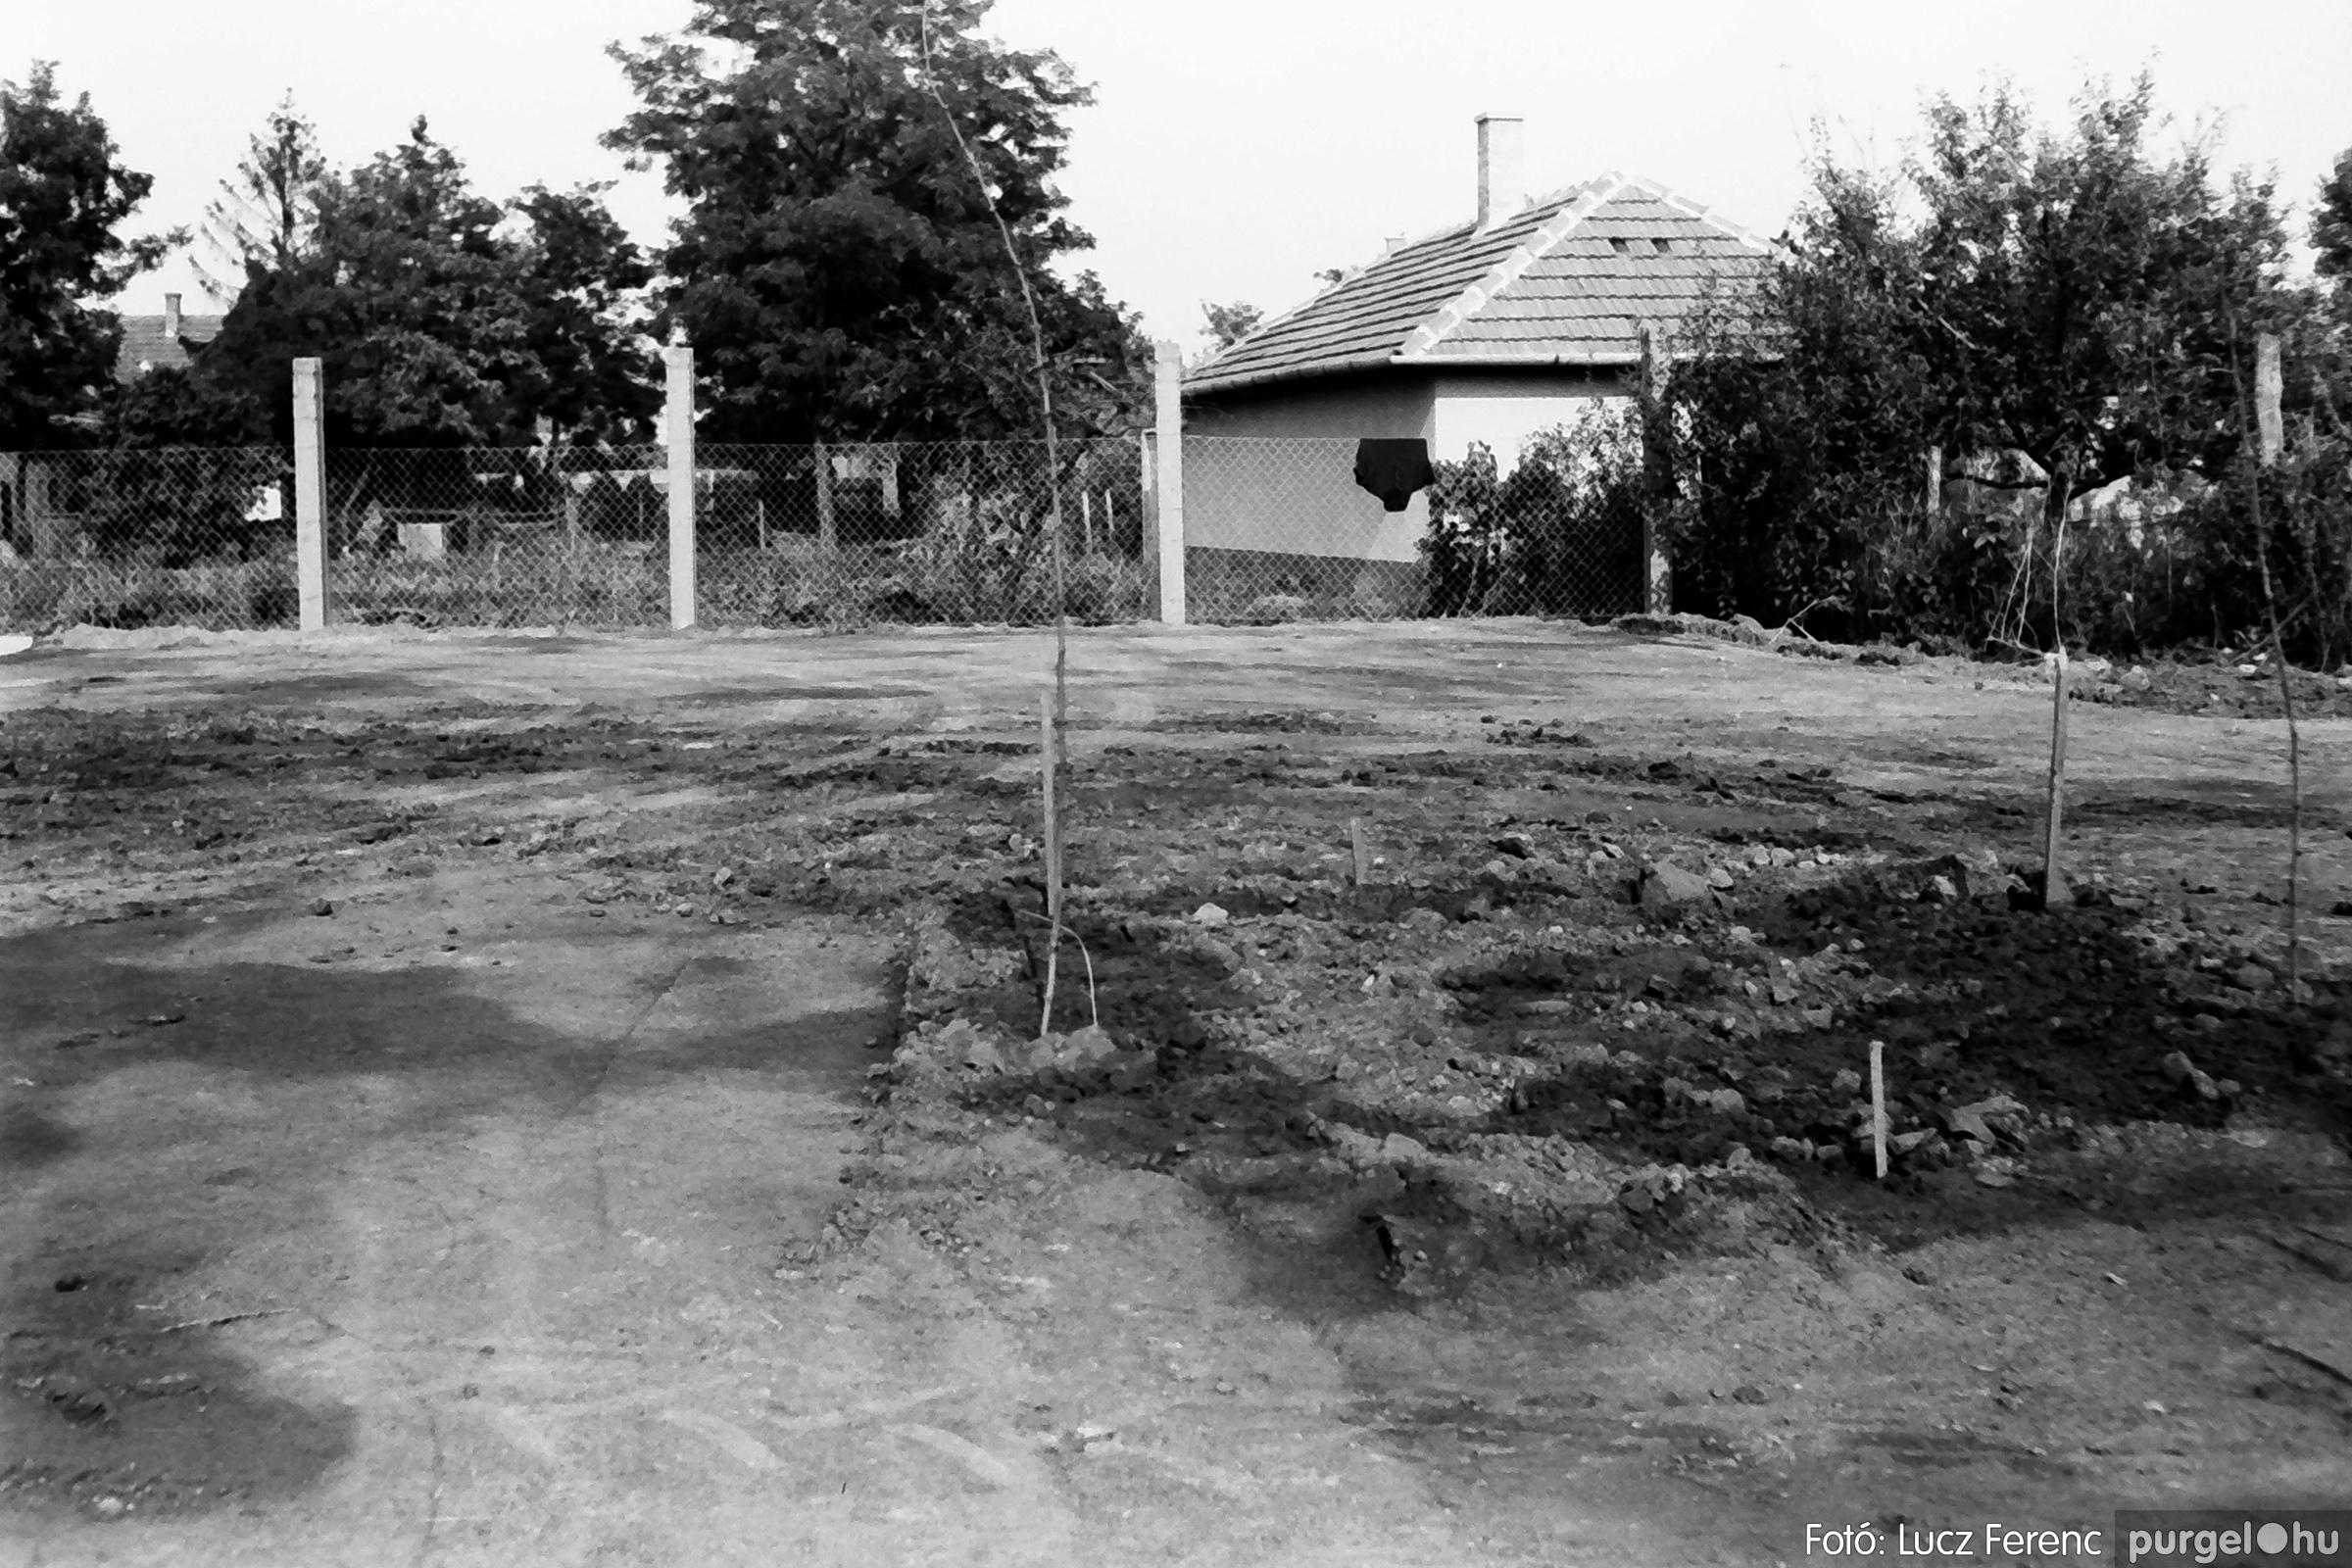 048, 051. 1976. Társadalmi munka 037. - Fotó: Lucz Ferenc.jpg